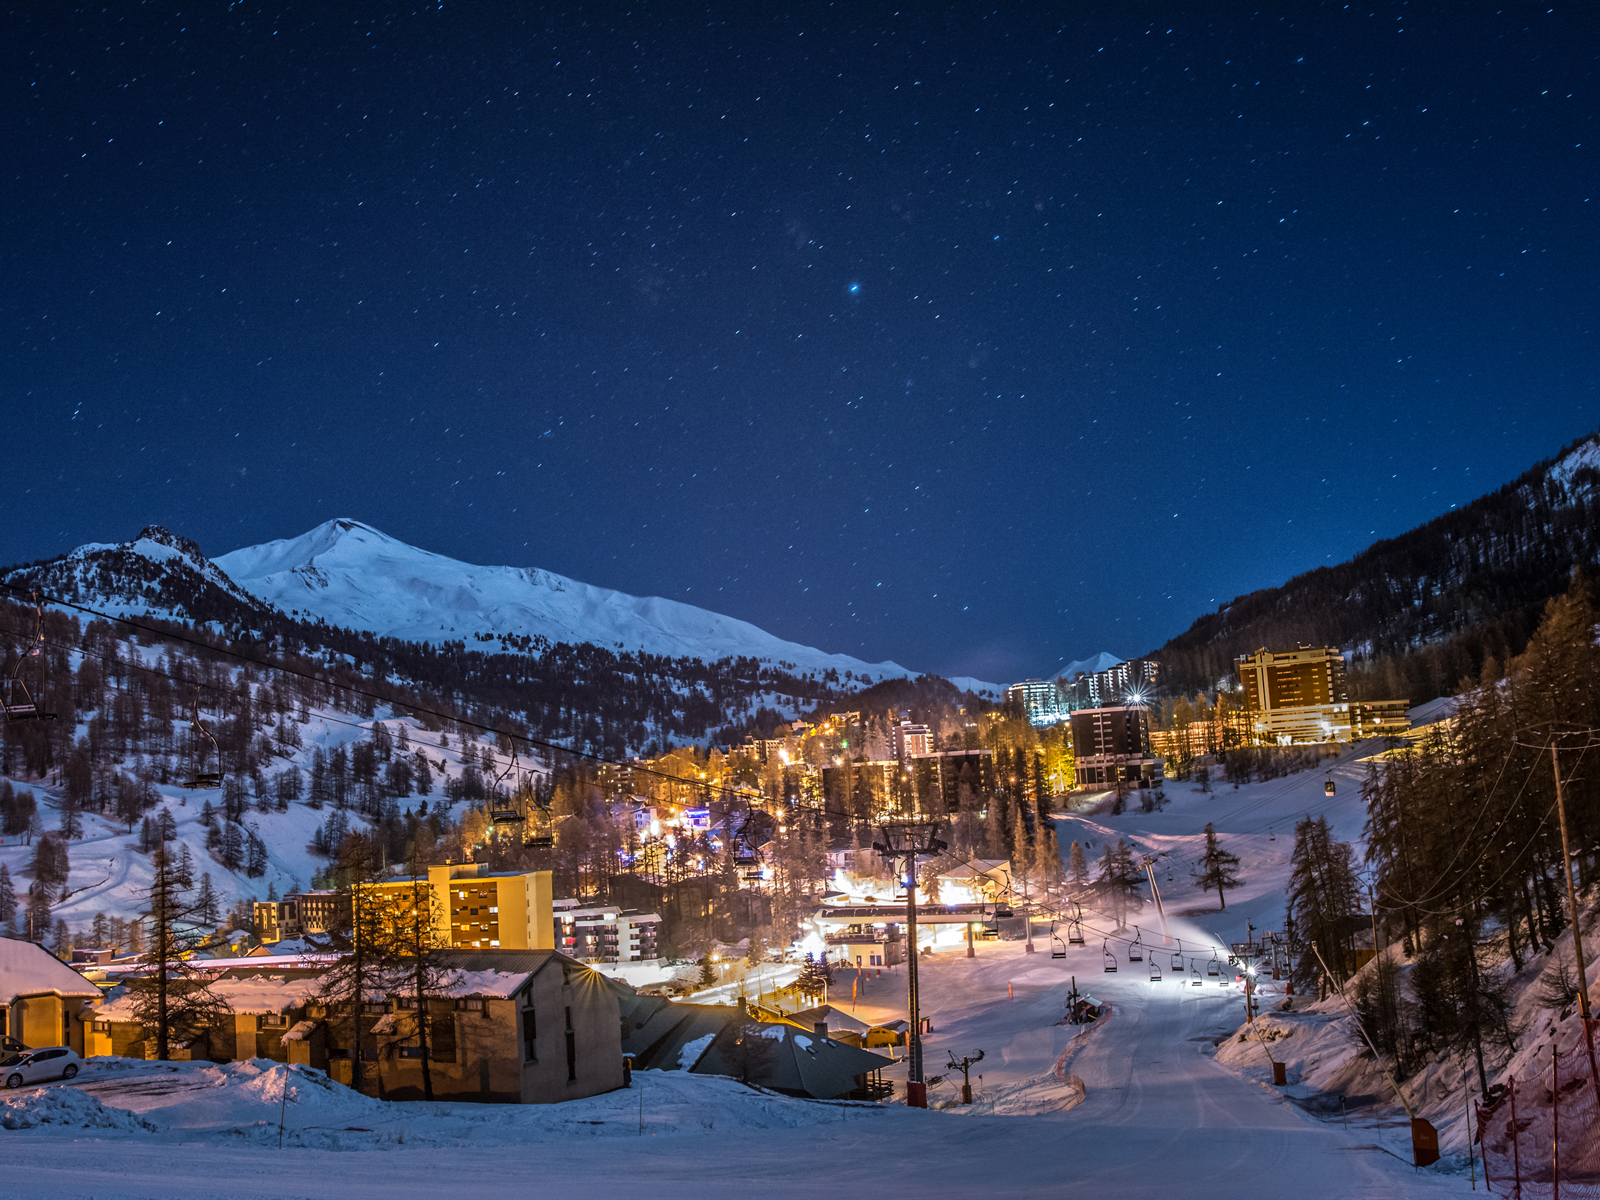 sur-les-pistes-de-ski-vars-de-nuit-remi-morel